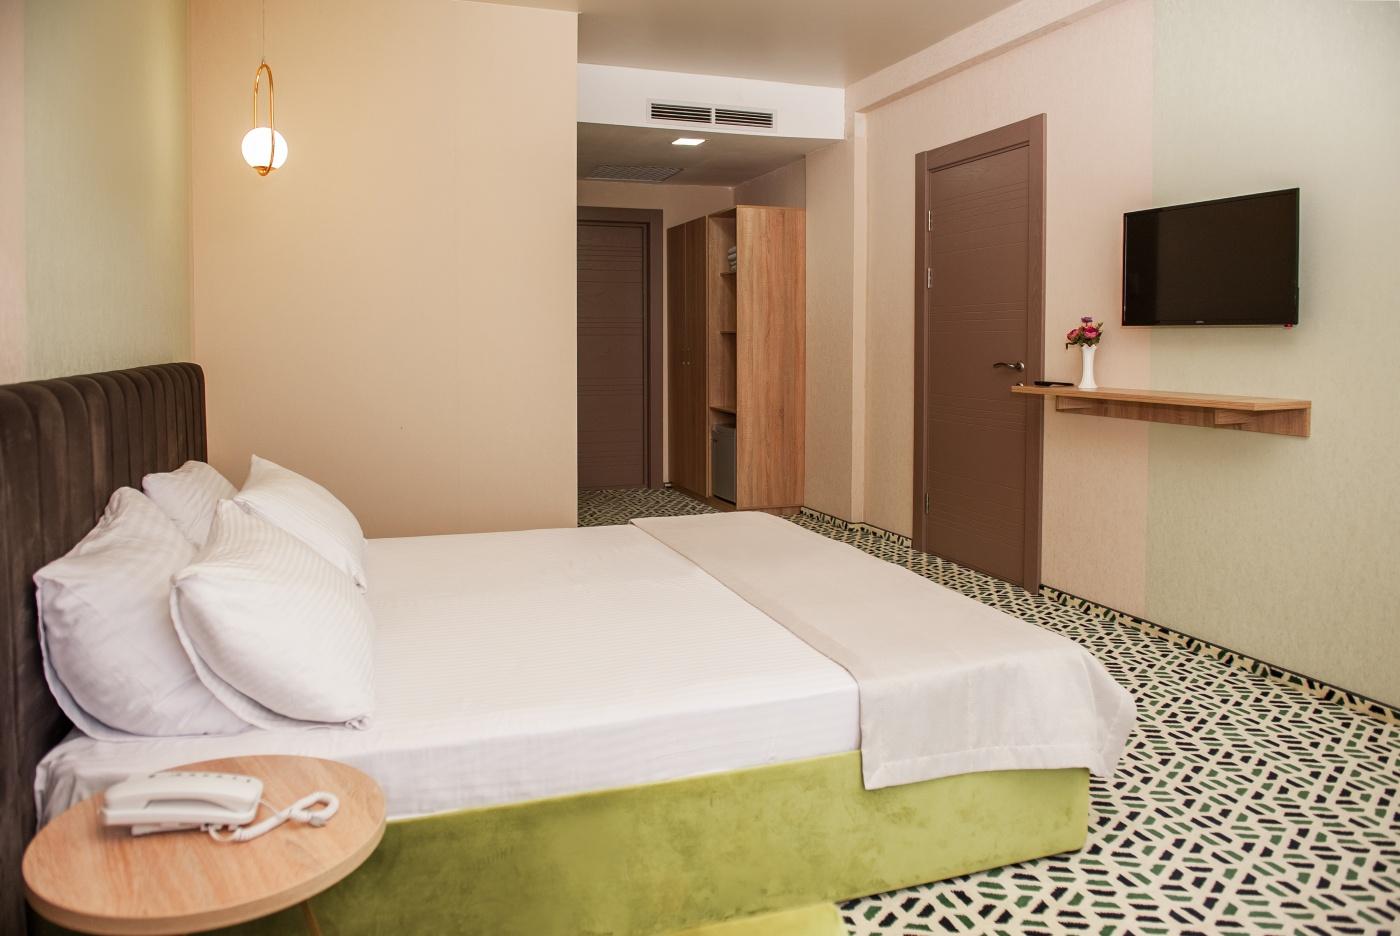 Отель «Aurum Family Resort & Spa» Краснодарский край Family room 4-местный 2-комнатный, фото 3